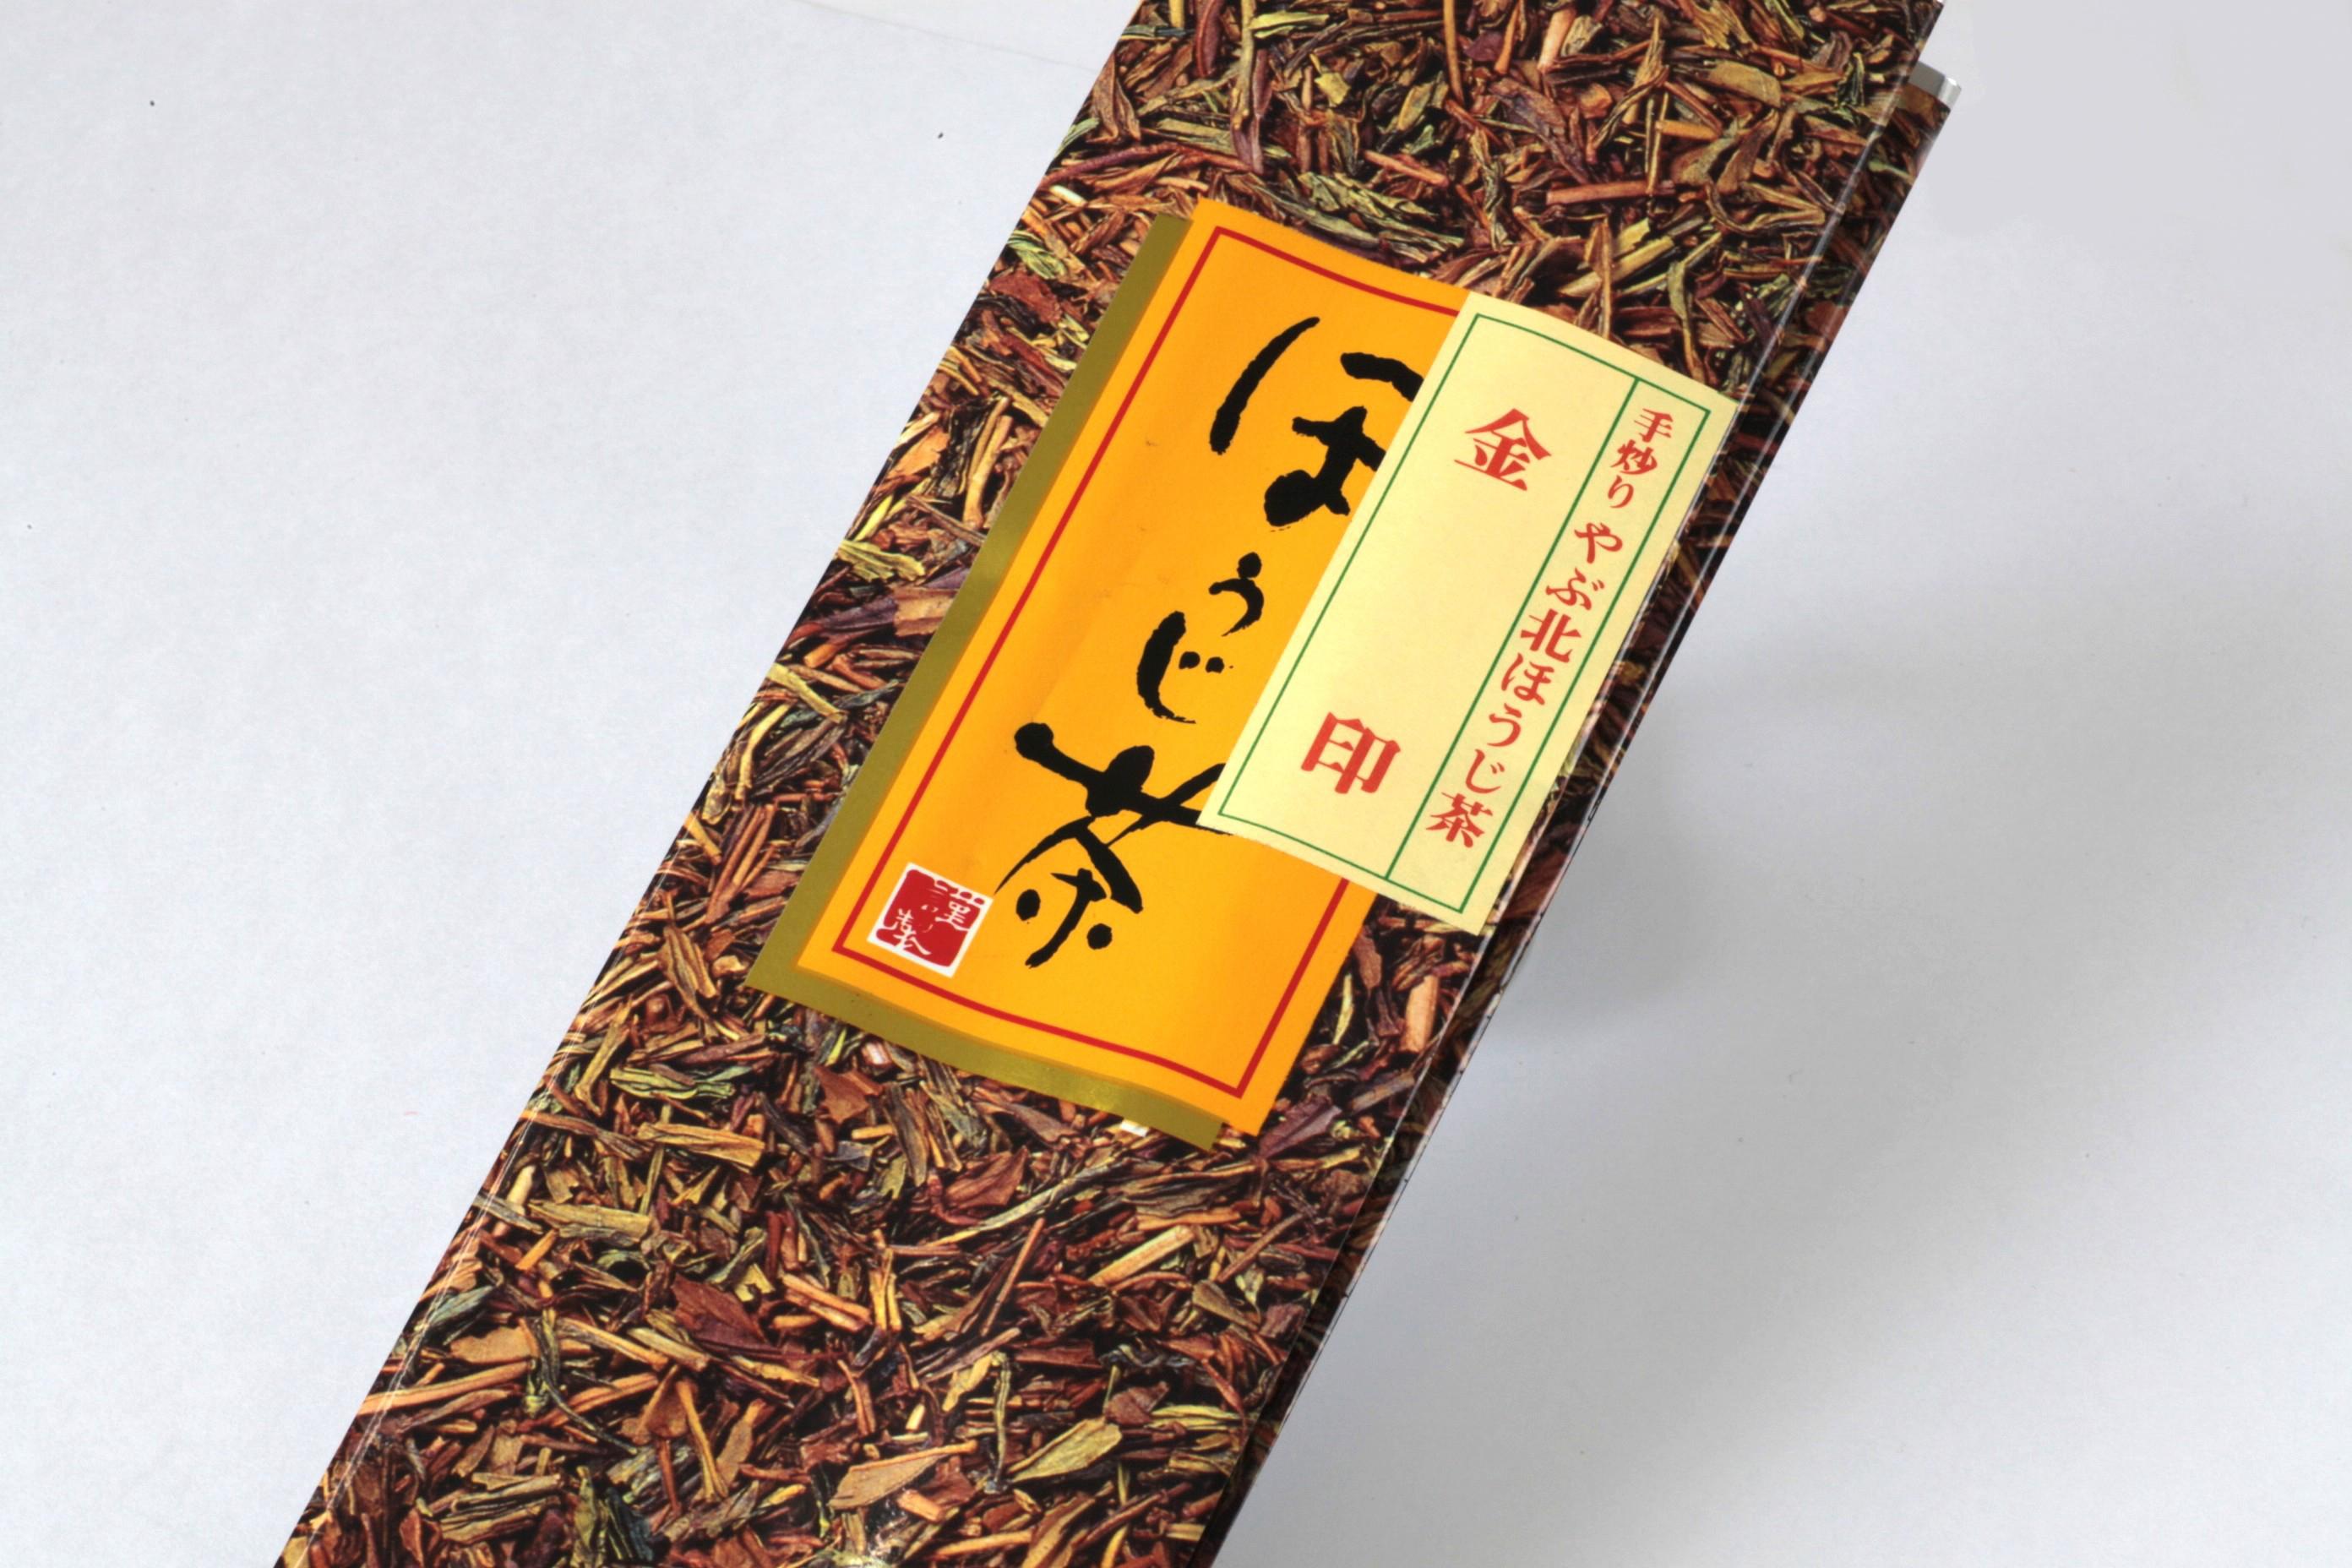 ほうじ茶 金印 100gアルミ袋(真空パック入)